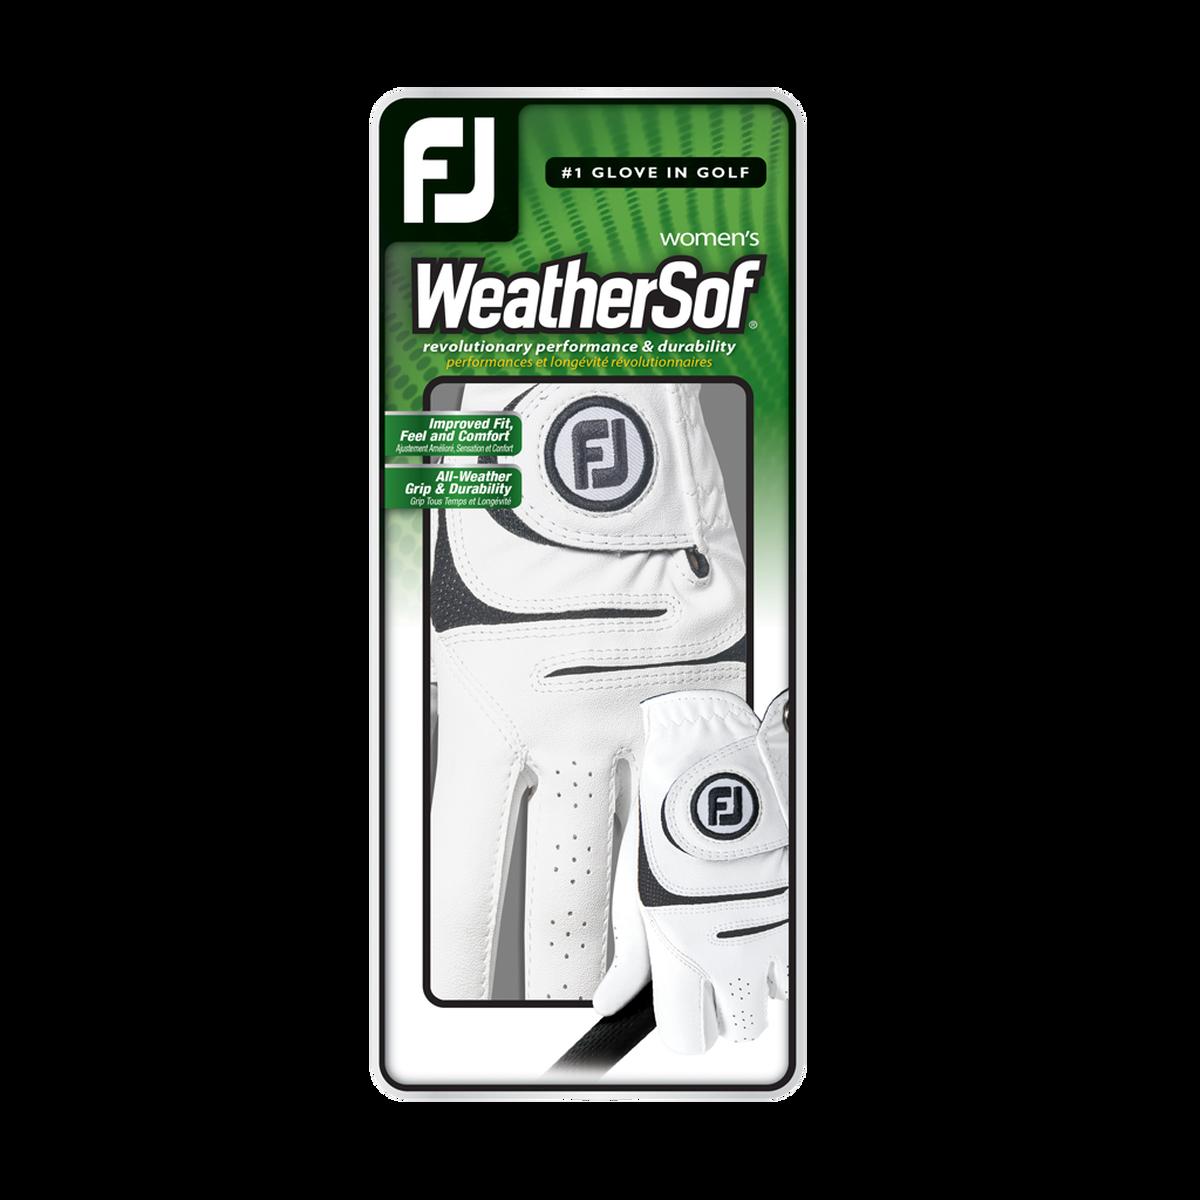 WeatherSof Women